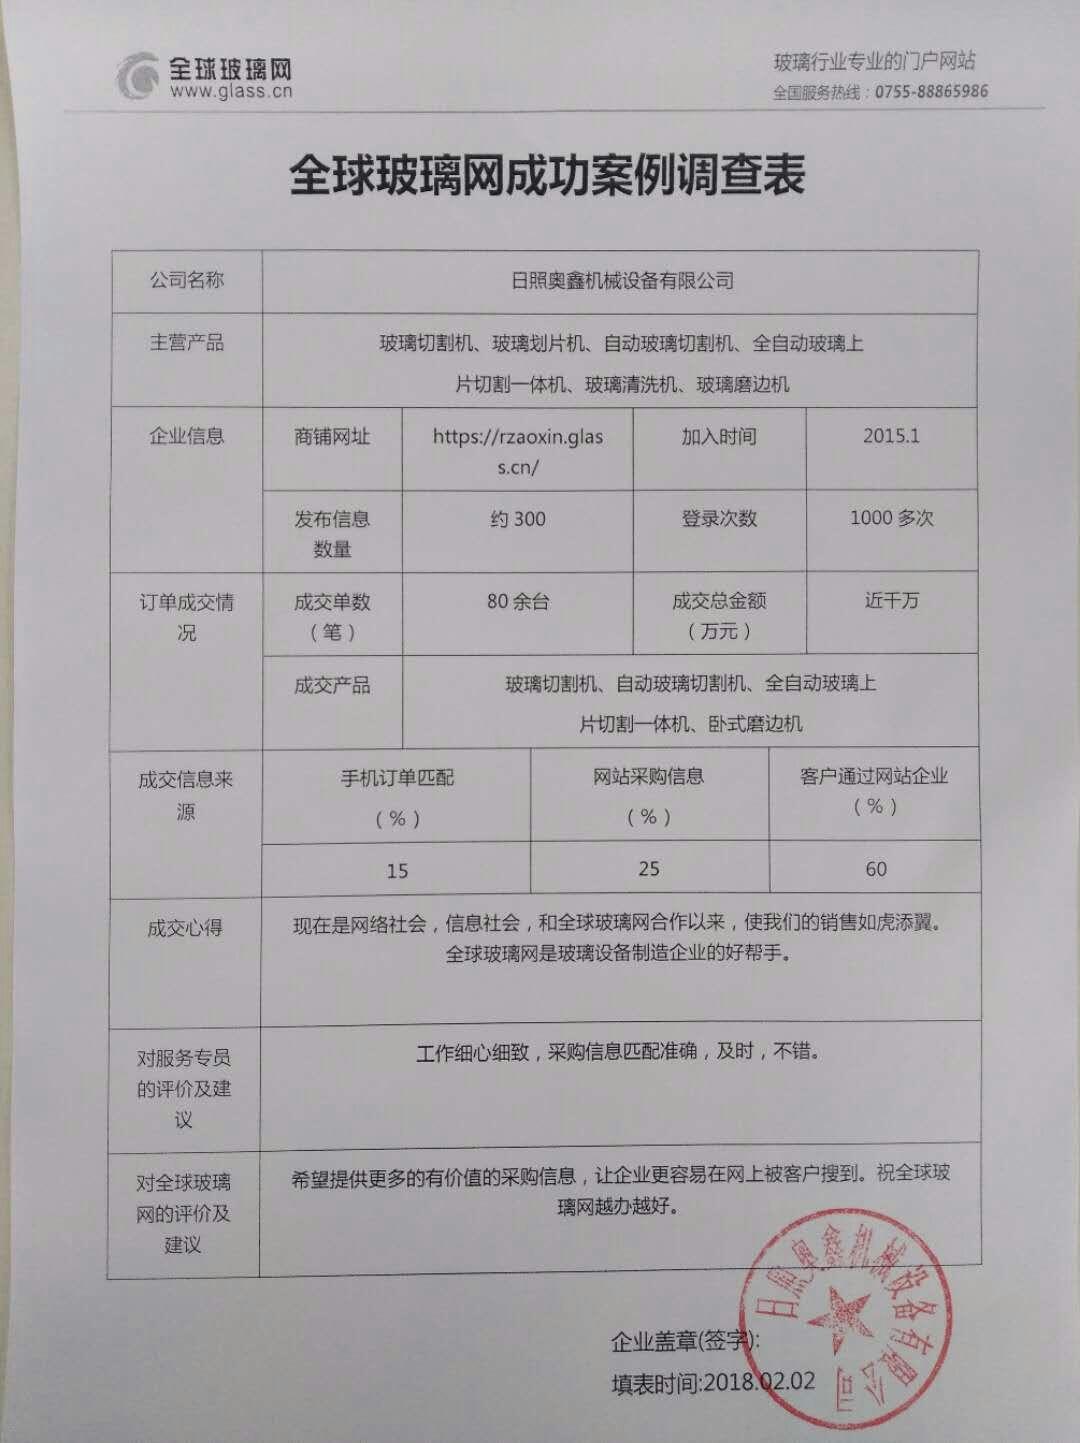 全球龙8娱乐首页网携手日照奥鑫机械突破销售金额近千万